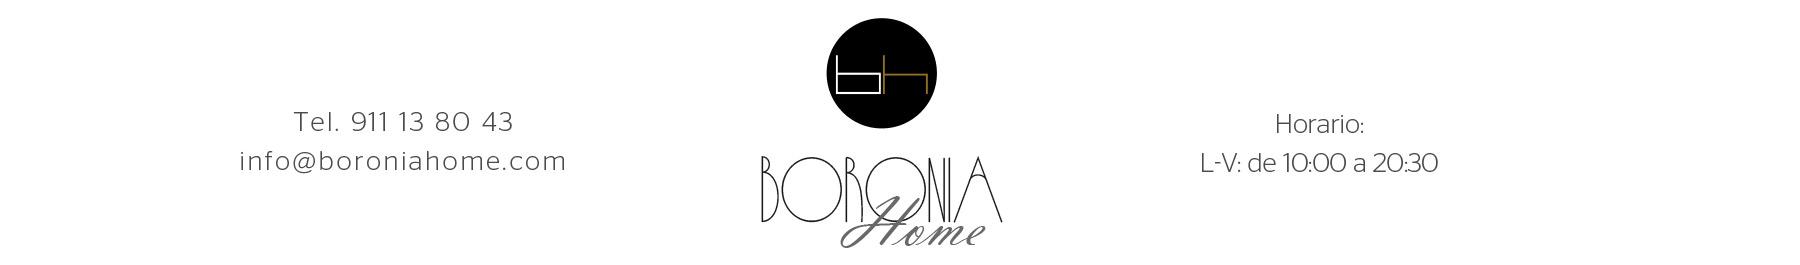 Boronia Home